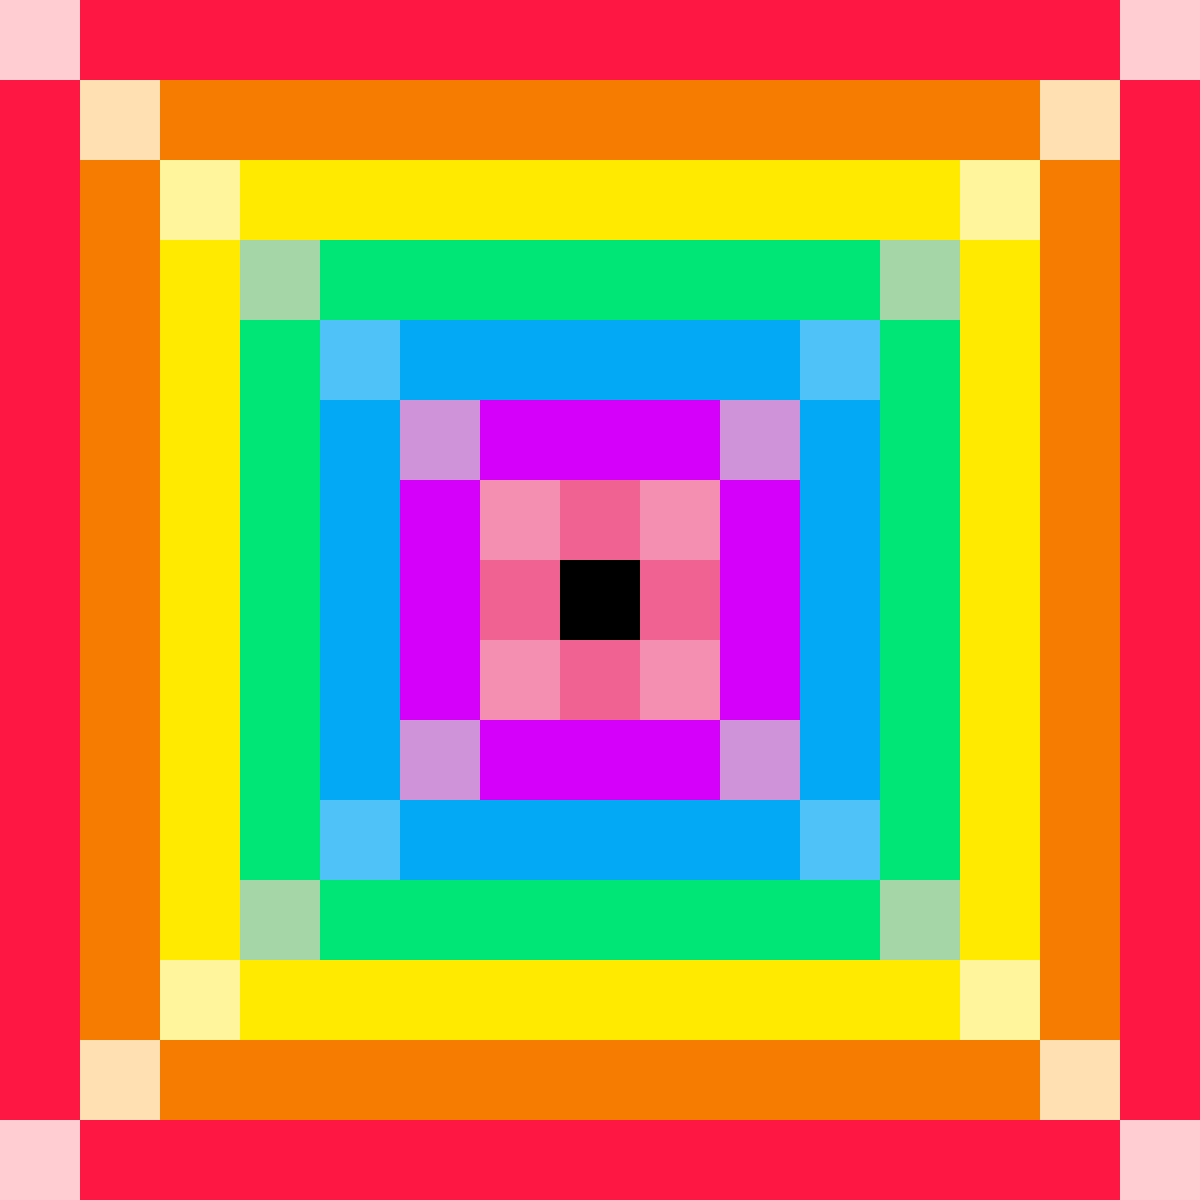 Rainbow dropper by yeeangel